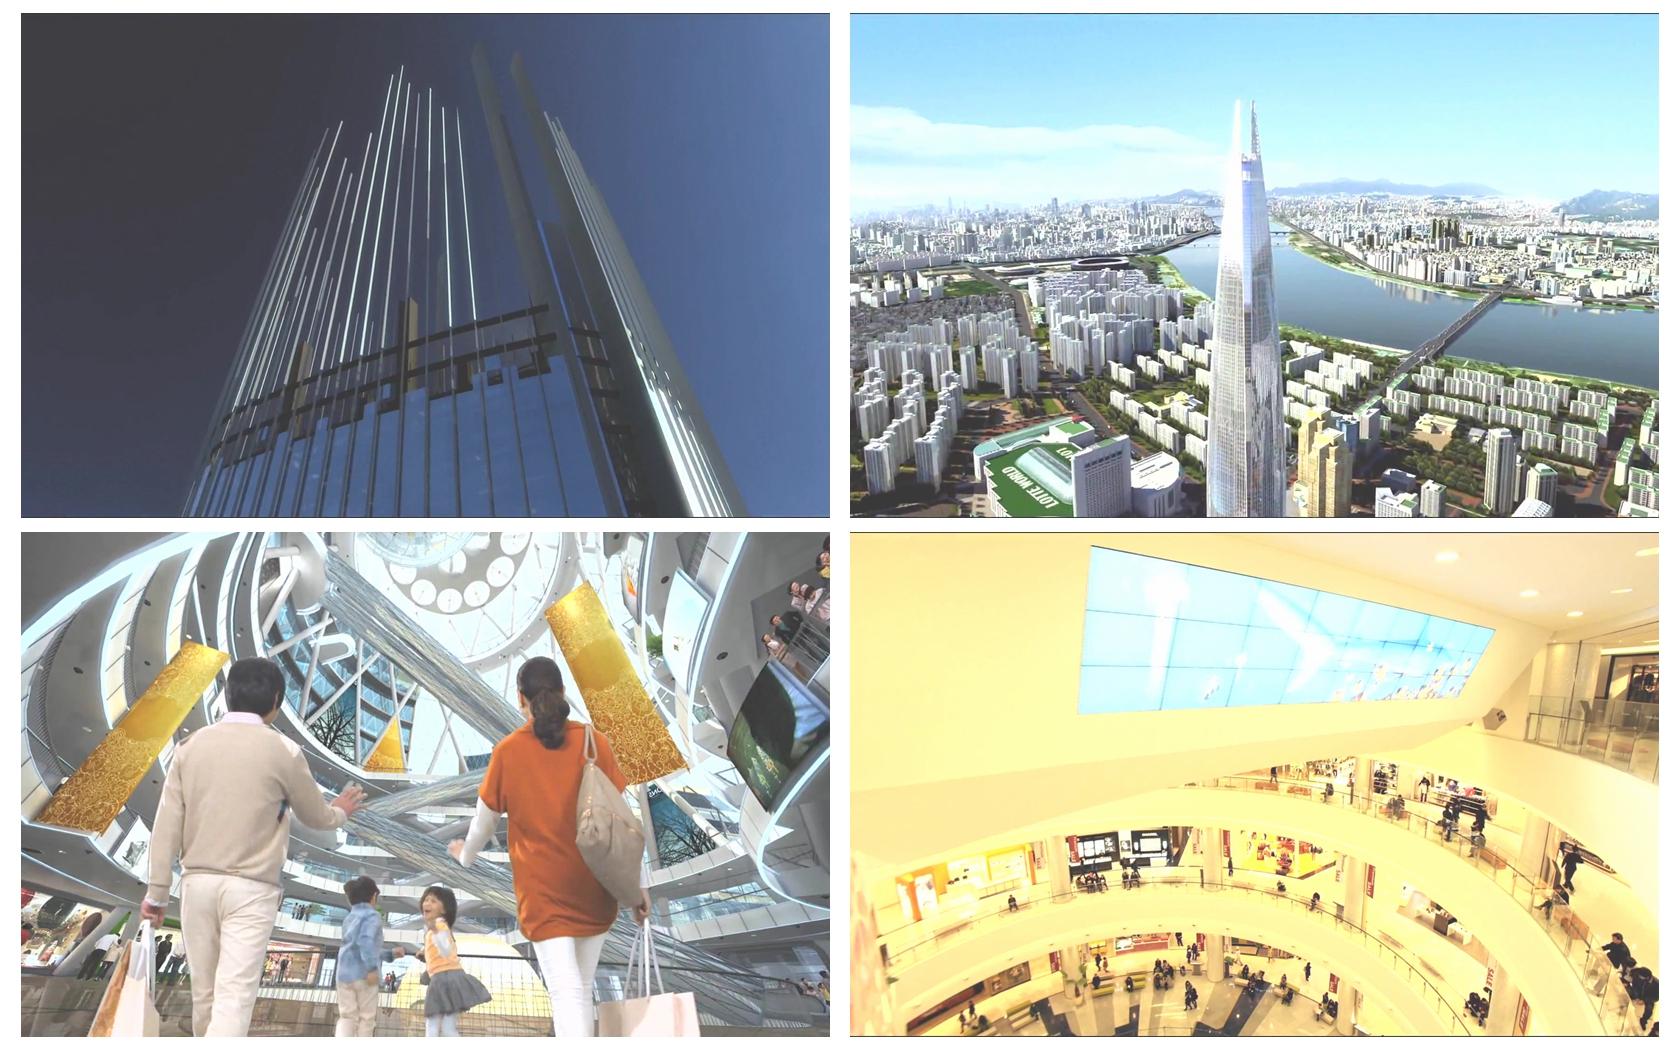 創新購物商圈構建大型娛樂購物場所大樓建設形象宣傳高清視頻實拍